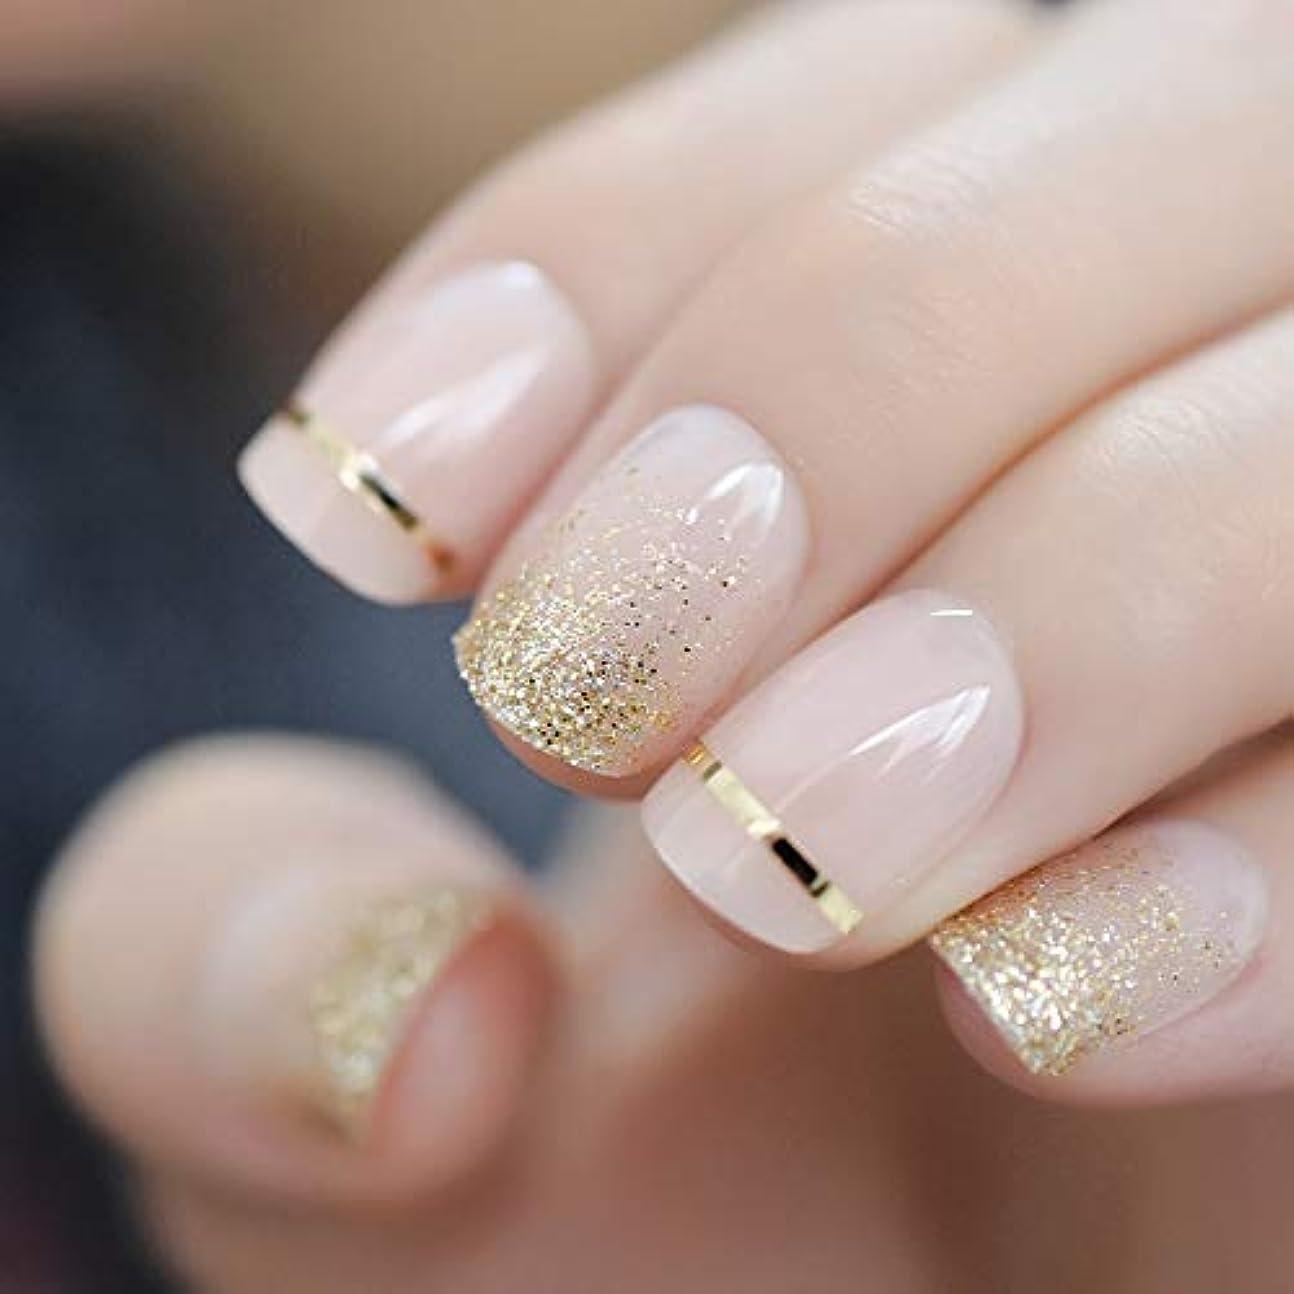 オーバードロー晩ごはん金属XUTXZKA ファッションショートネイルのヒント偽の爪ゴールドキラキラ人工プレス偽の爪に飾られたフルカバー